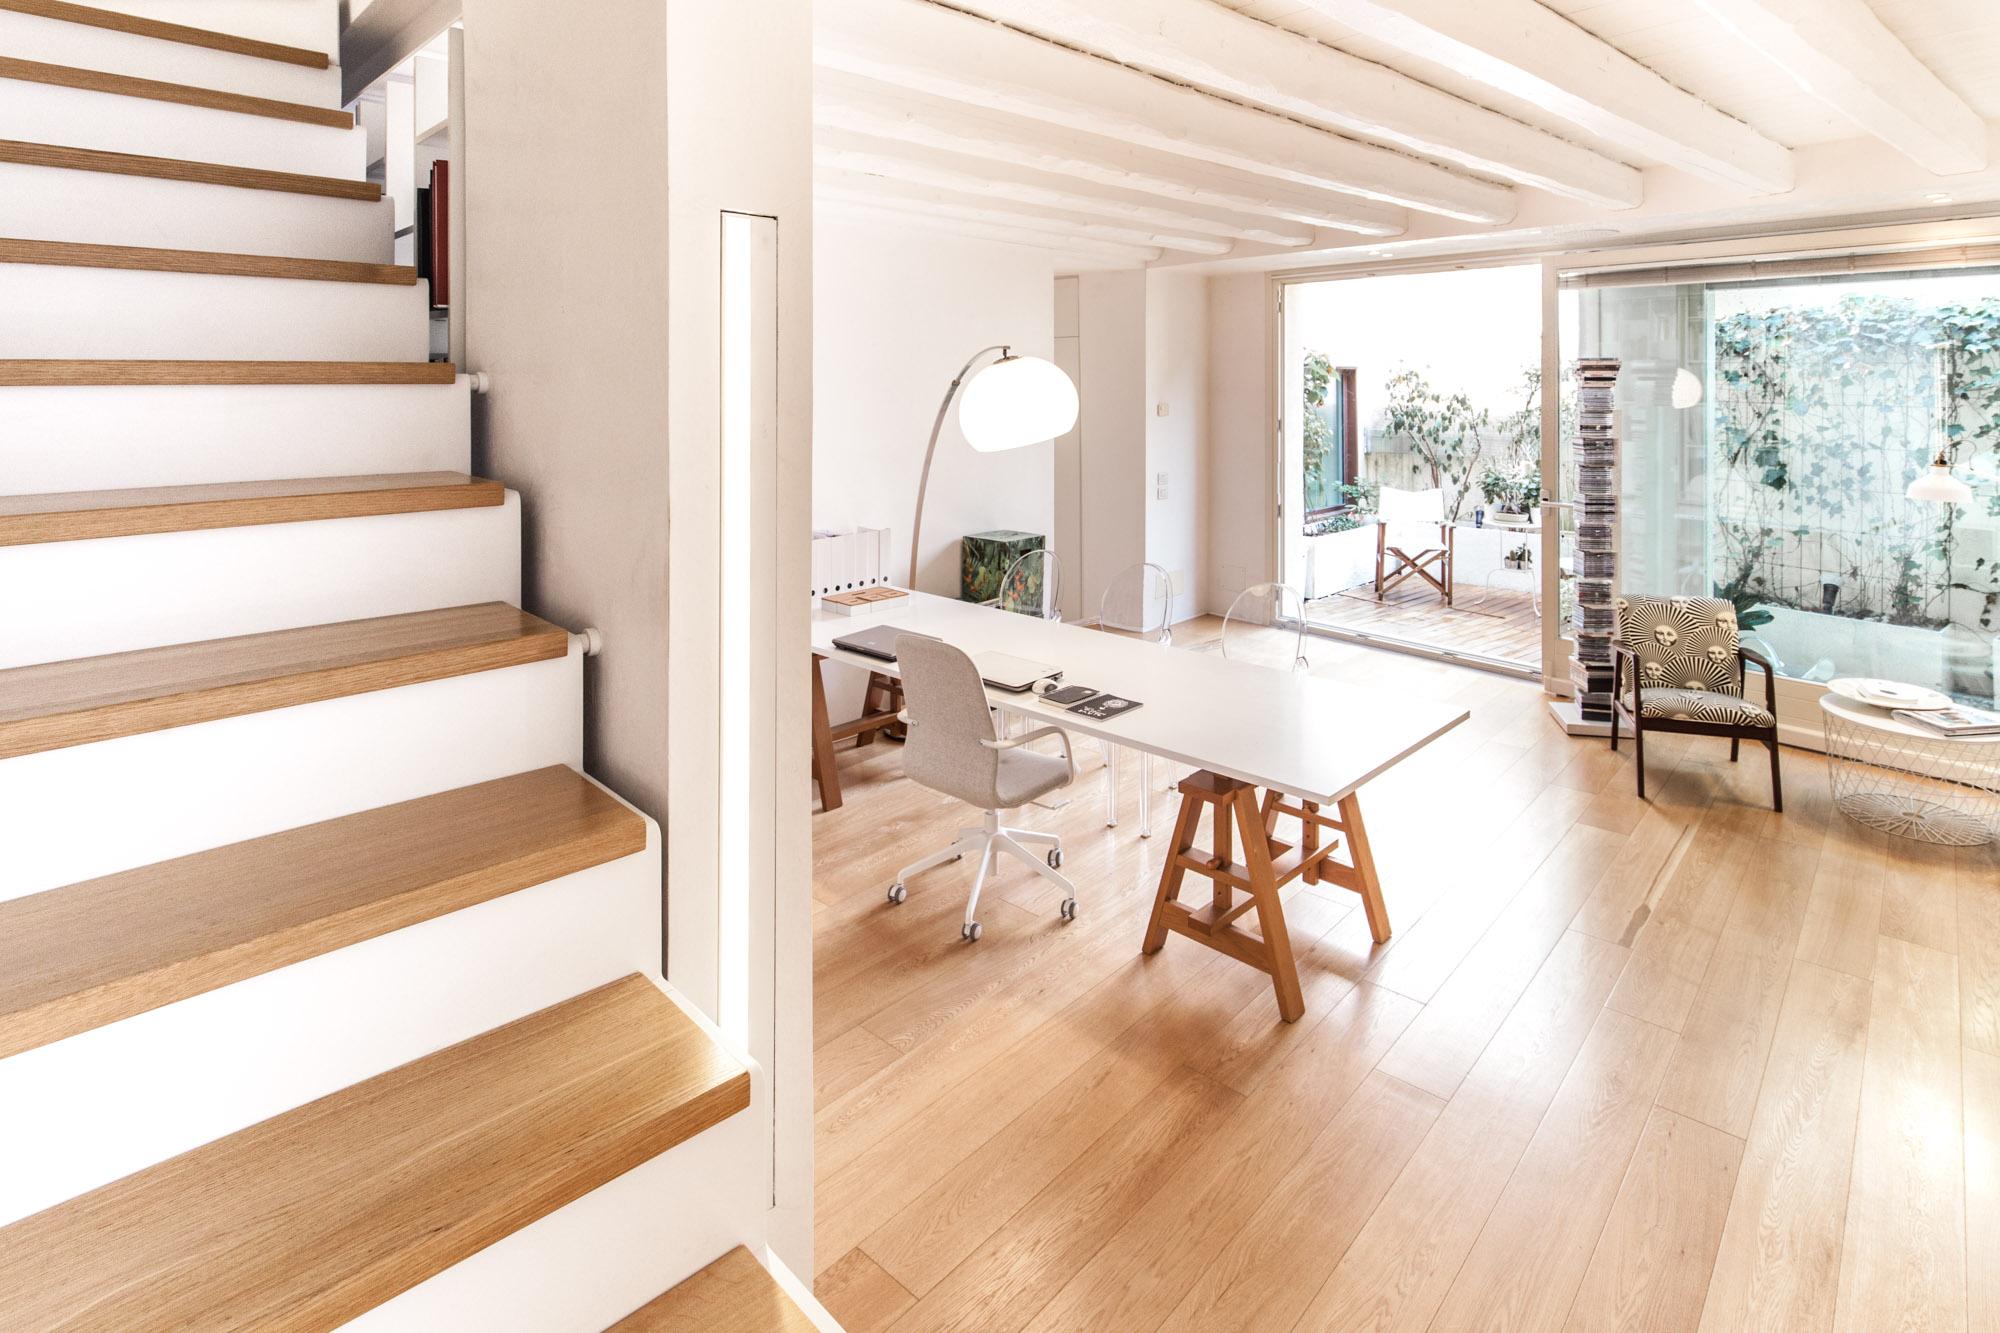 Casa Studio Sofia Nicoli Architetto